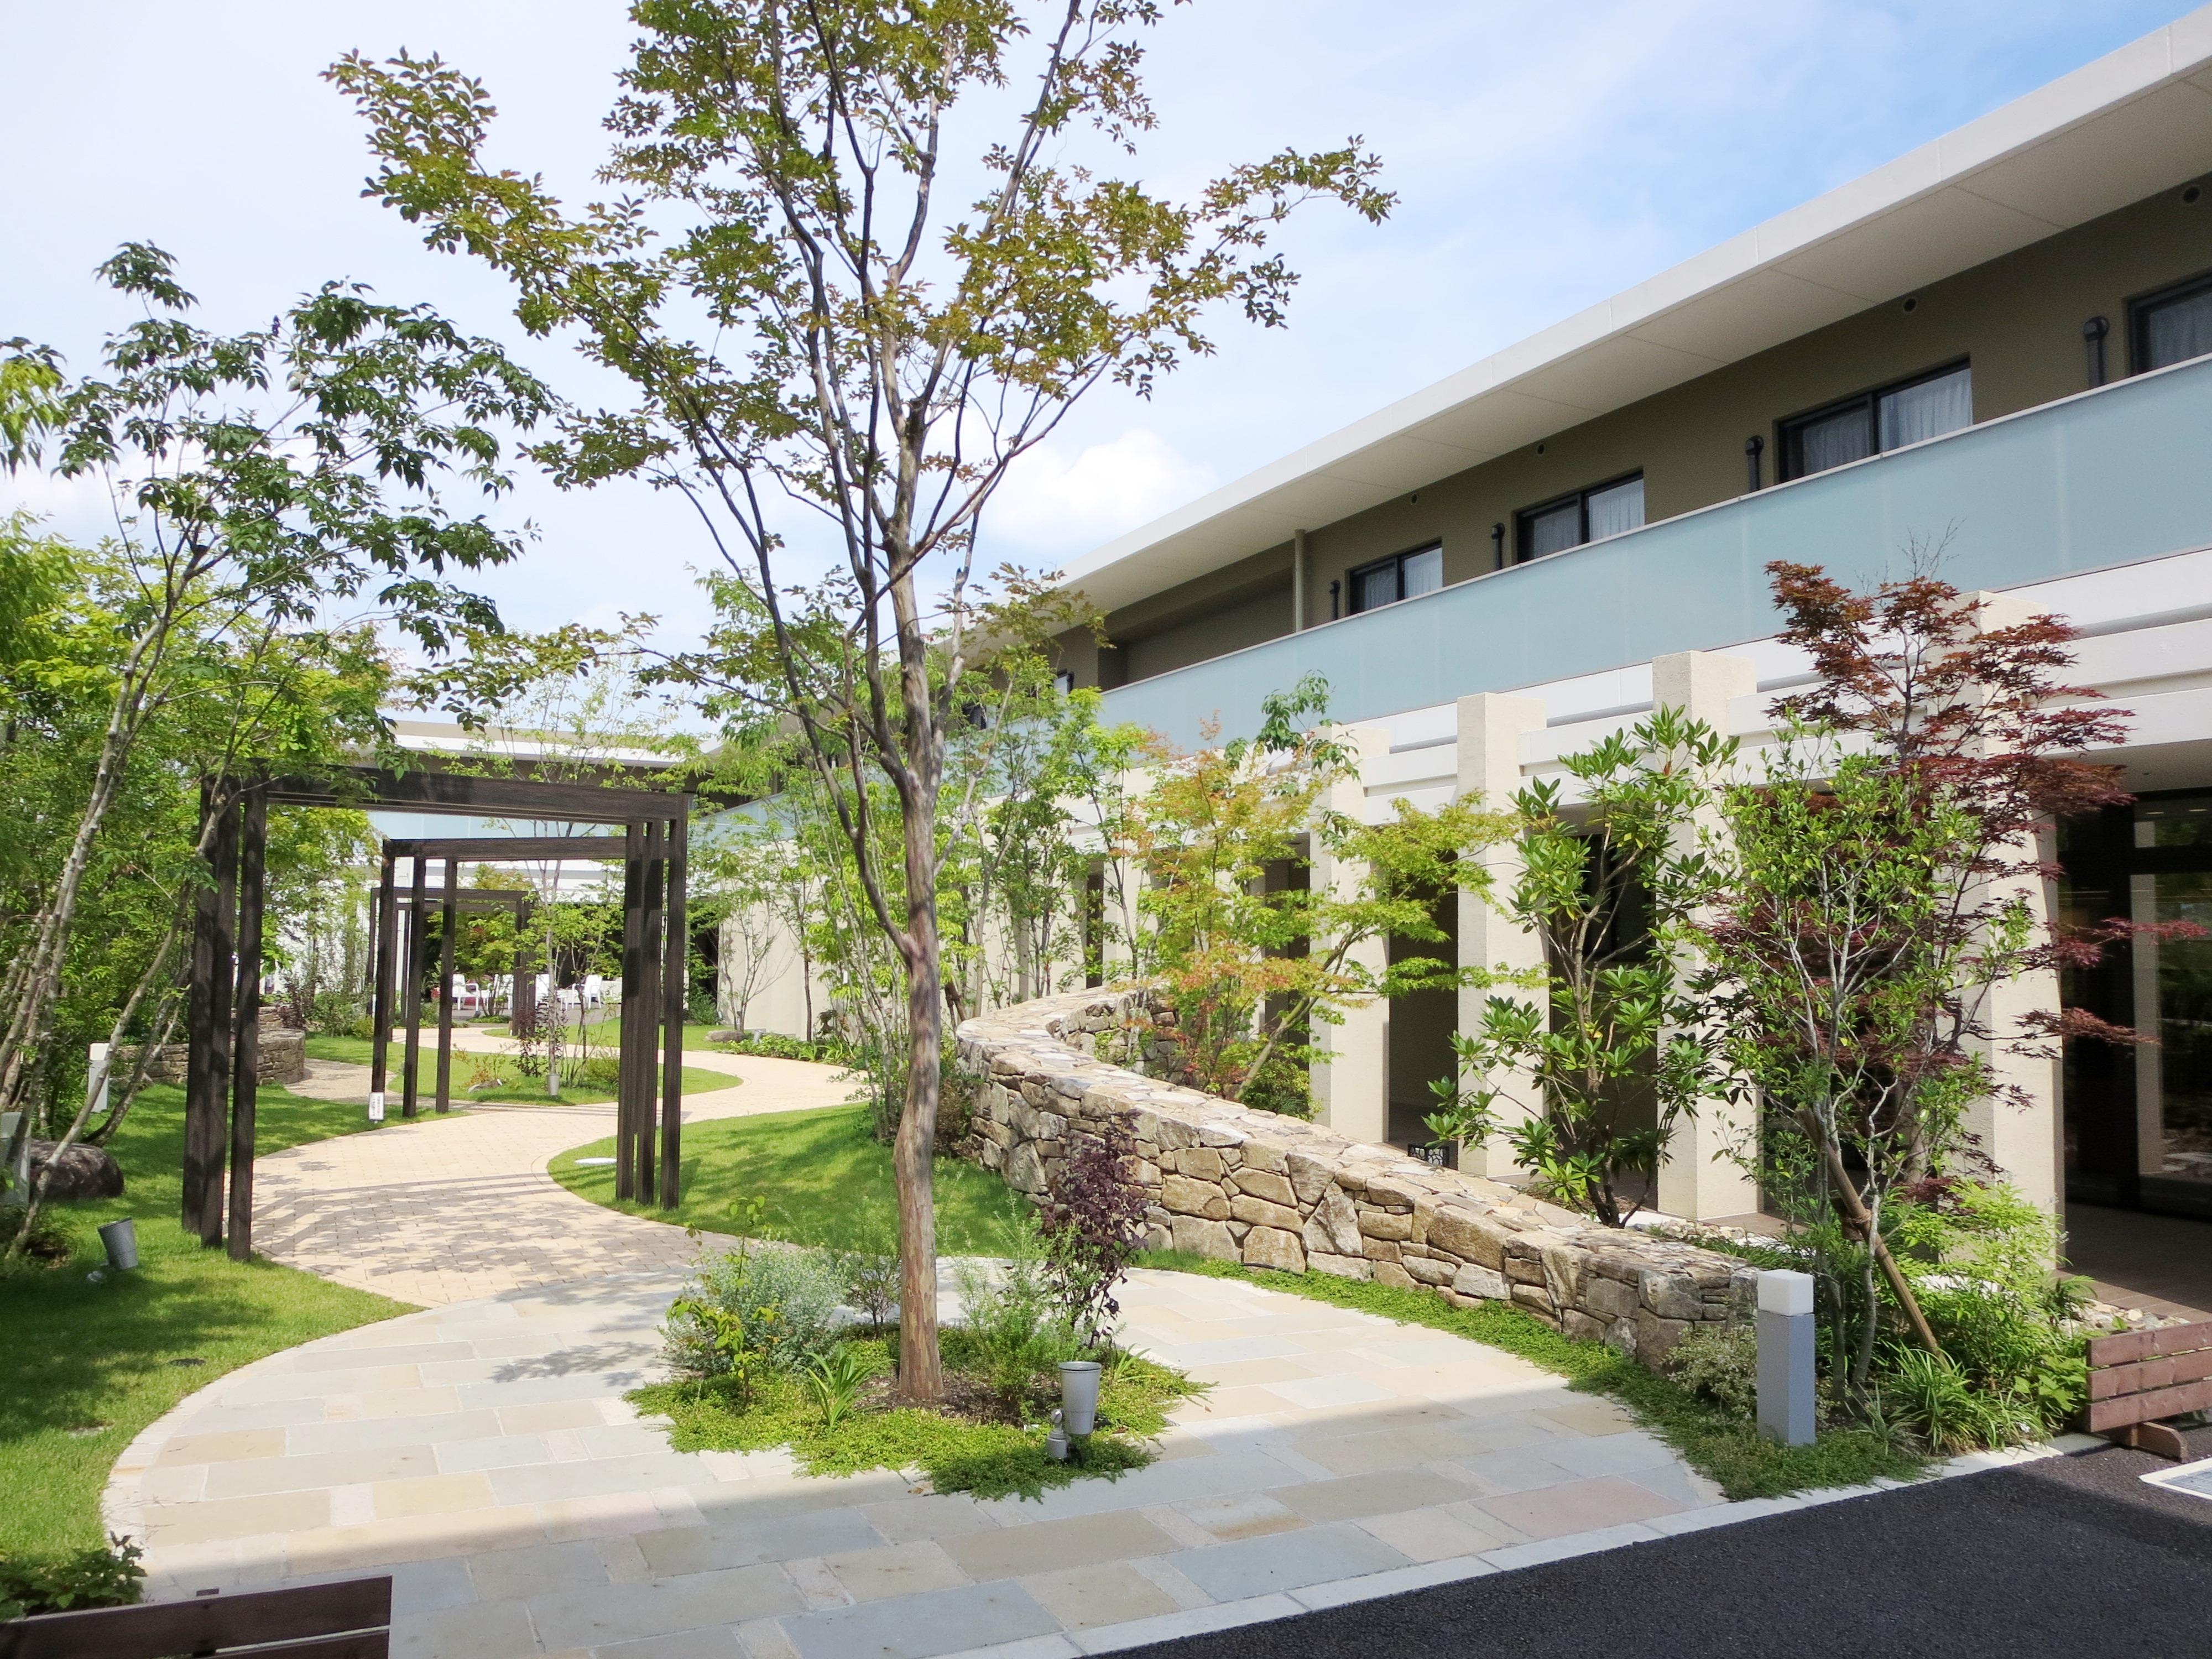 高齢者住宅のお庭(ガーデン)エントランス01